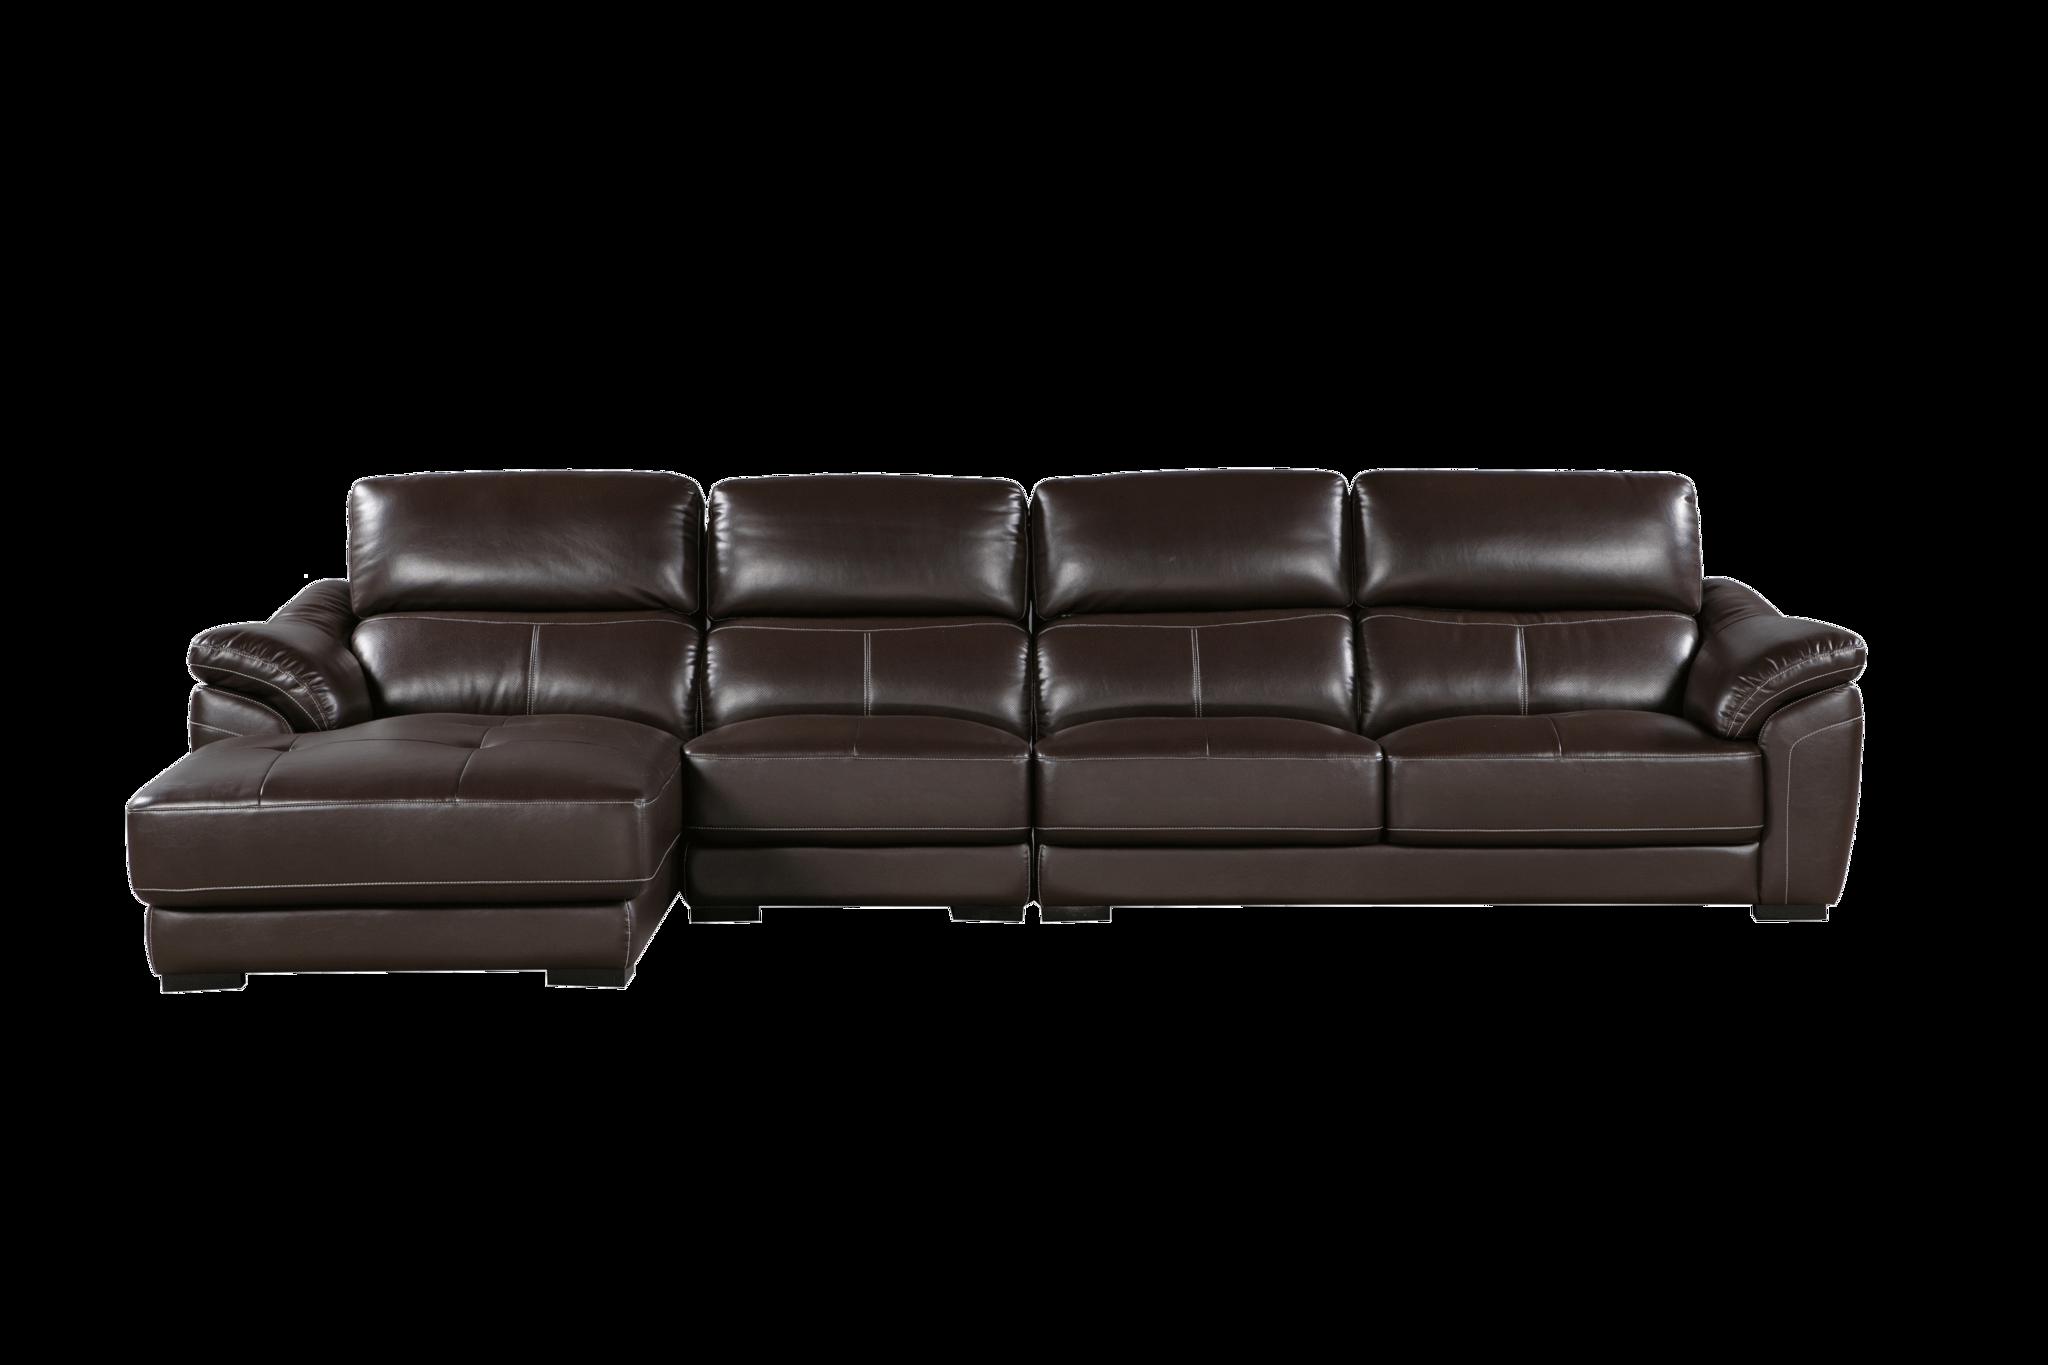 Sofa Đà Nẵng - Địa chỉ bán sofa tại Đà Nẵng uy tín